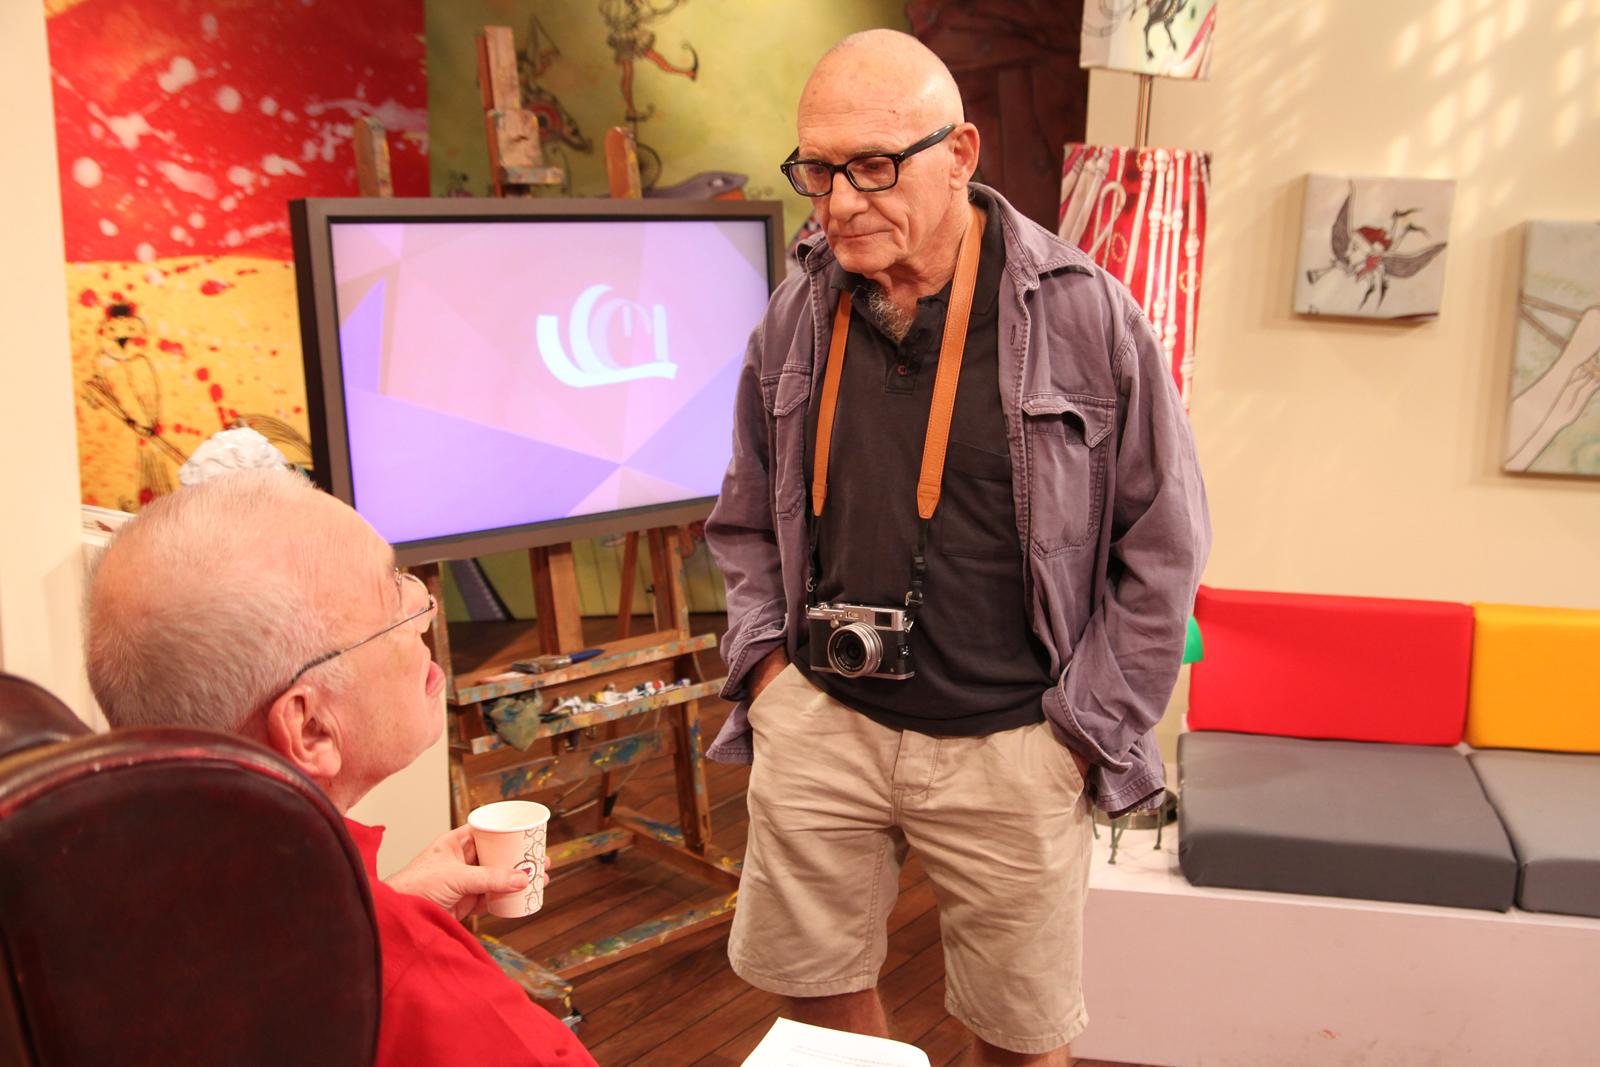 """אלכס ליבק (מימין) בתוכנית """"במה זה מוזה"""" עם ירון לונדון בטלוויזיה החינוכית (צילום: שרונה גיא)"""